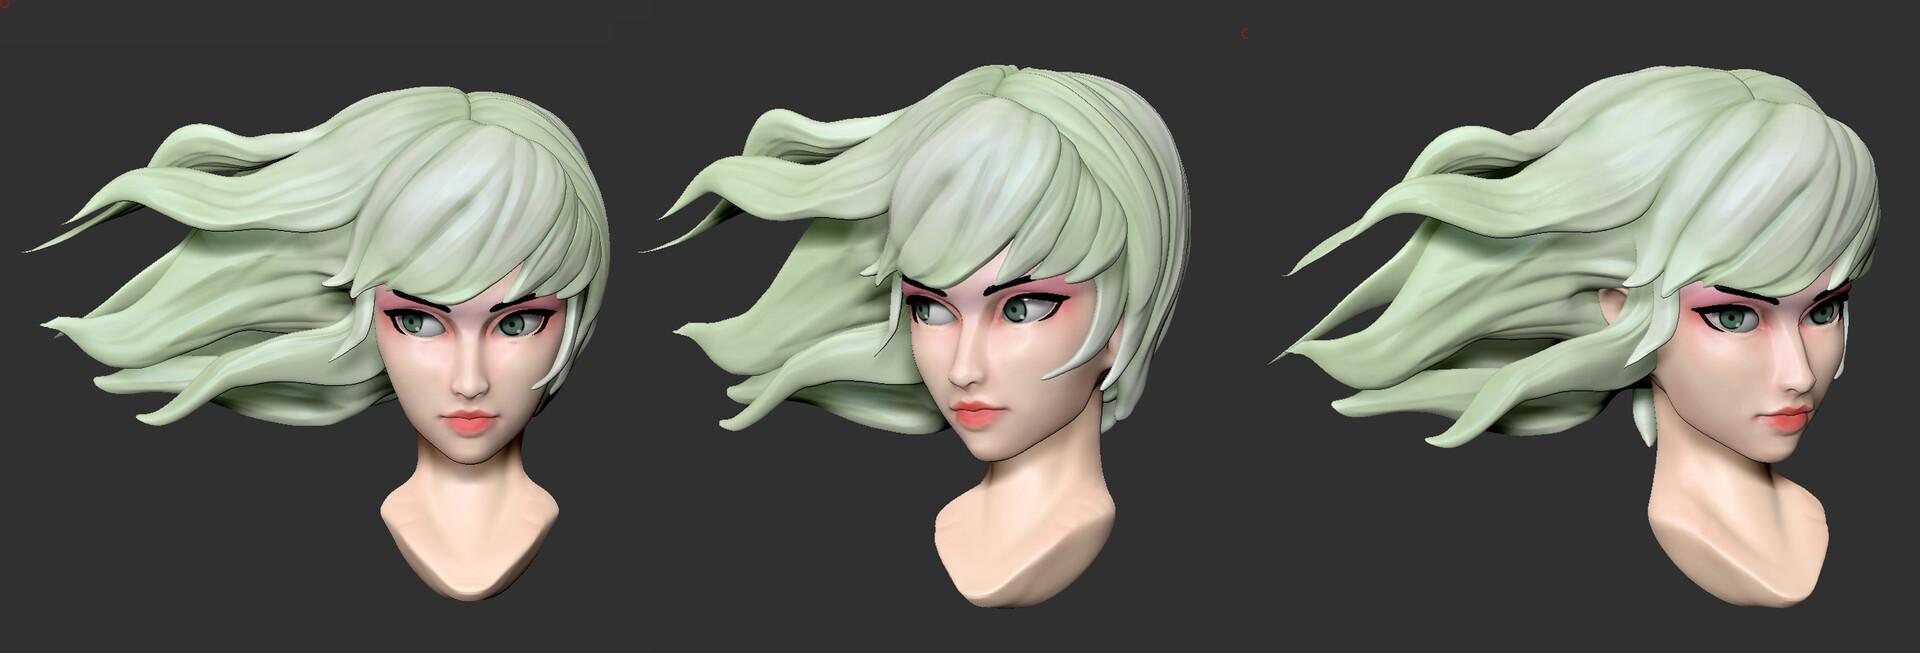 Neko yamada untitled 1